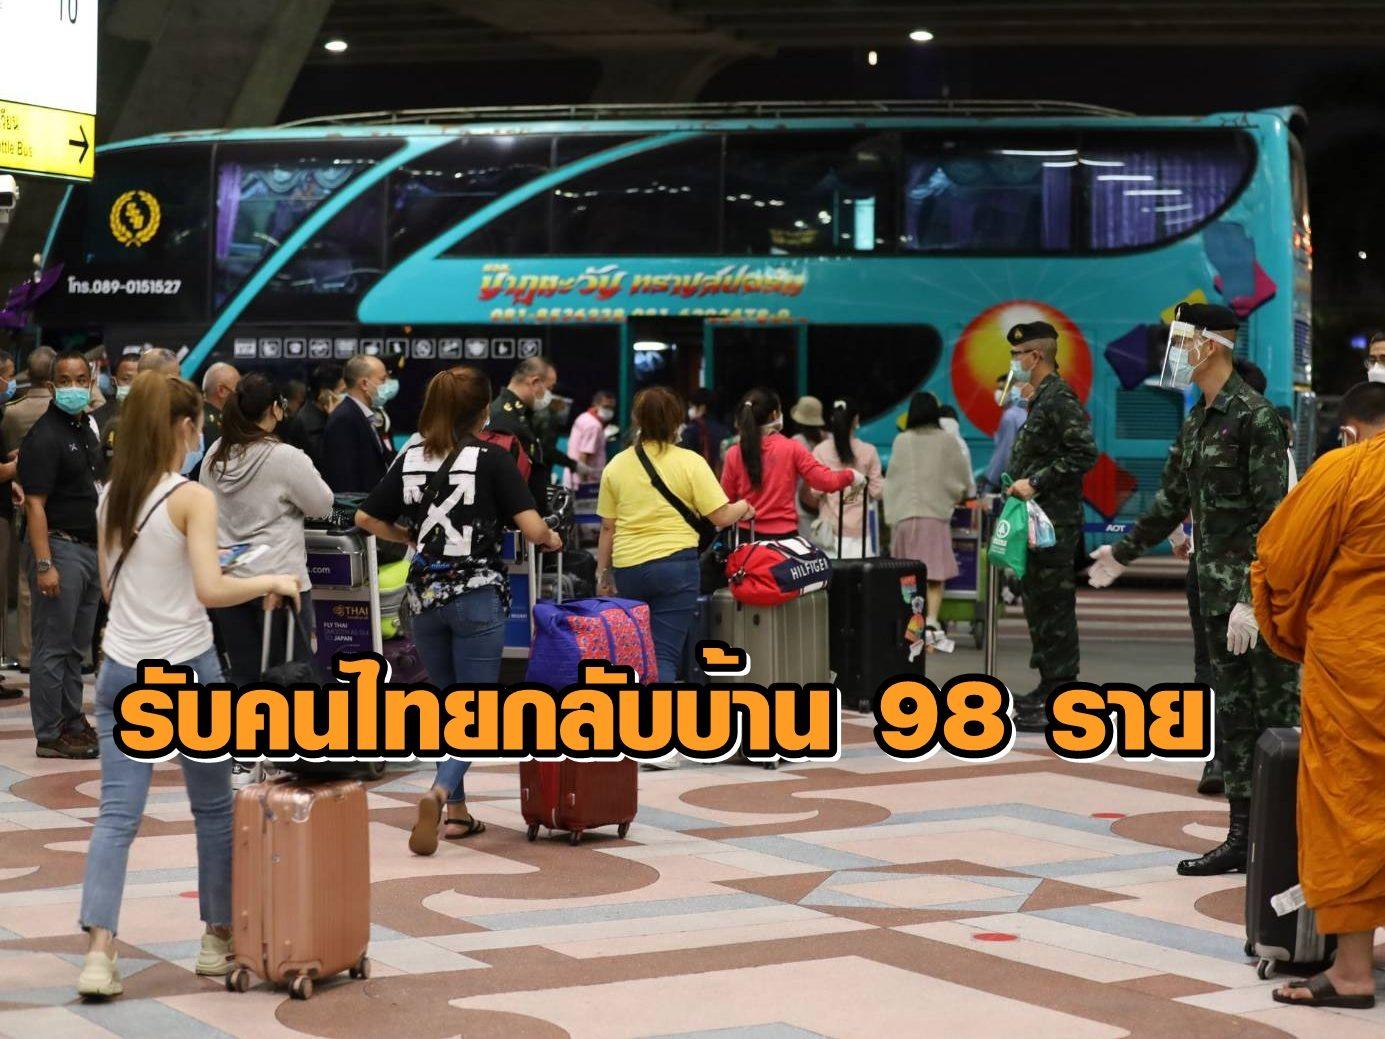 ศปม.รับ คนไทยกลับจากตปท. 98 คน กักตัวย่านพระรามเก้า ทุกคนให้ความร่วมมือดี